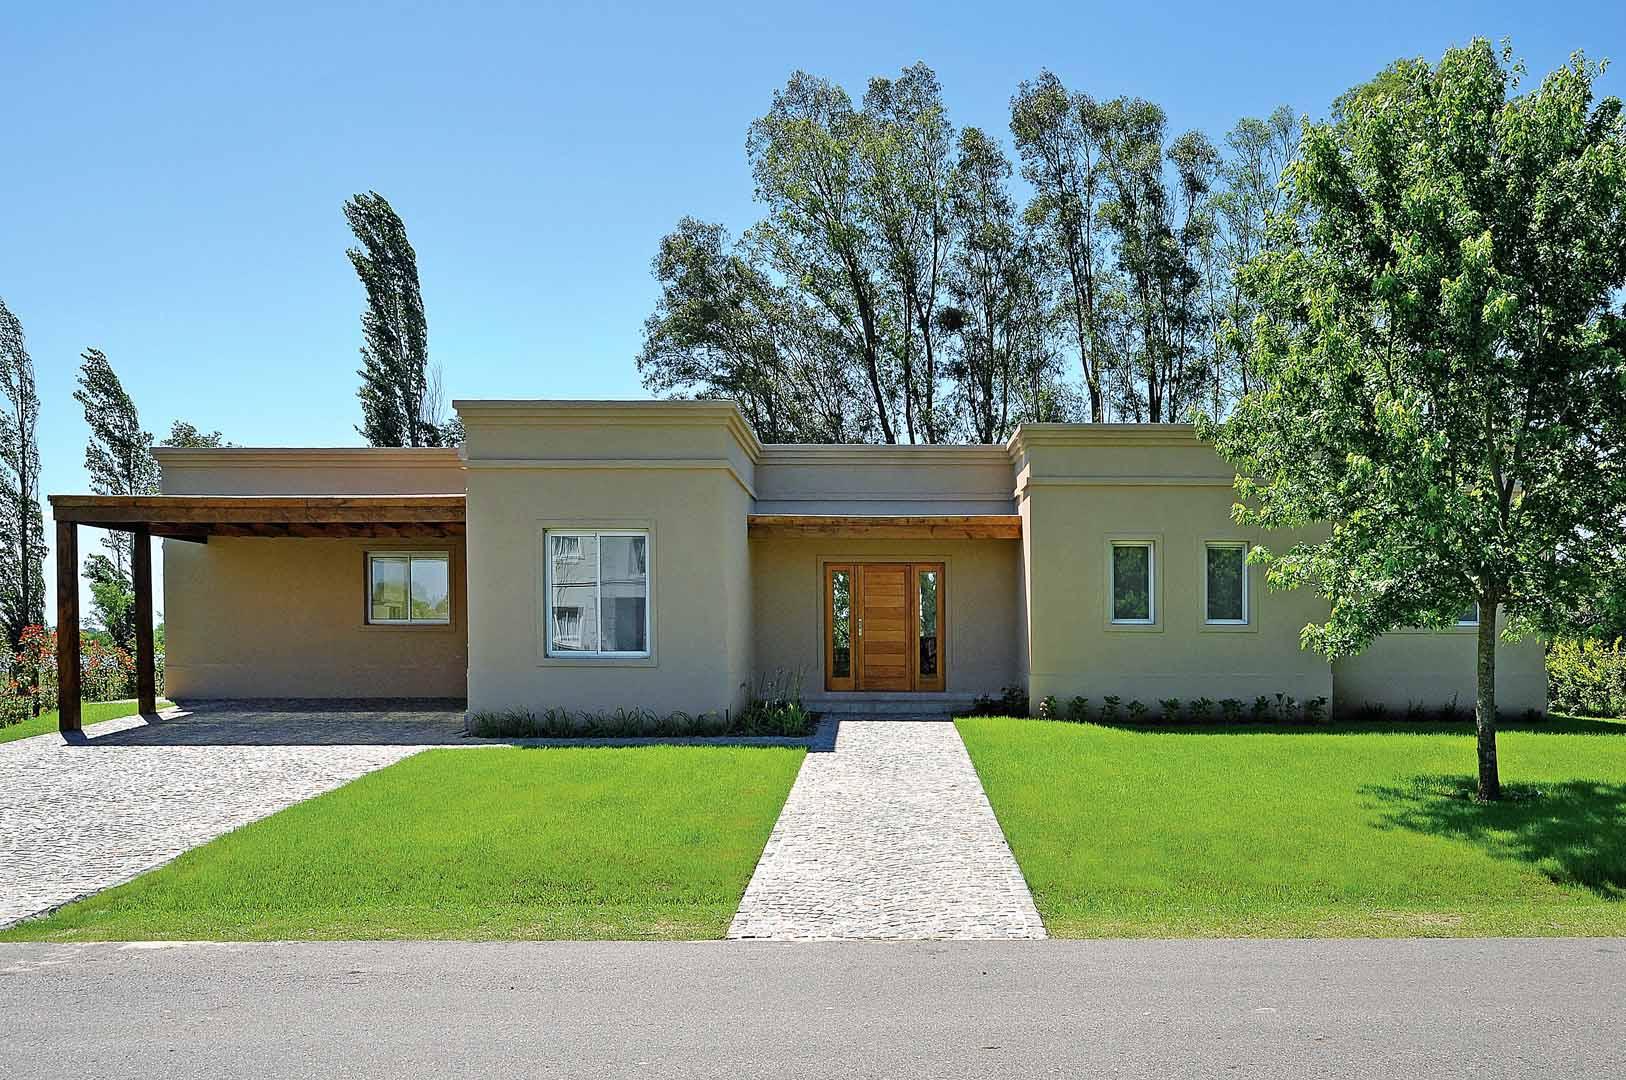 Fernando mart nez nespral casa estilo campo argentino for Casa estilo campo moderno